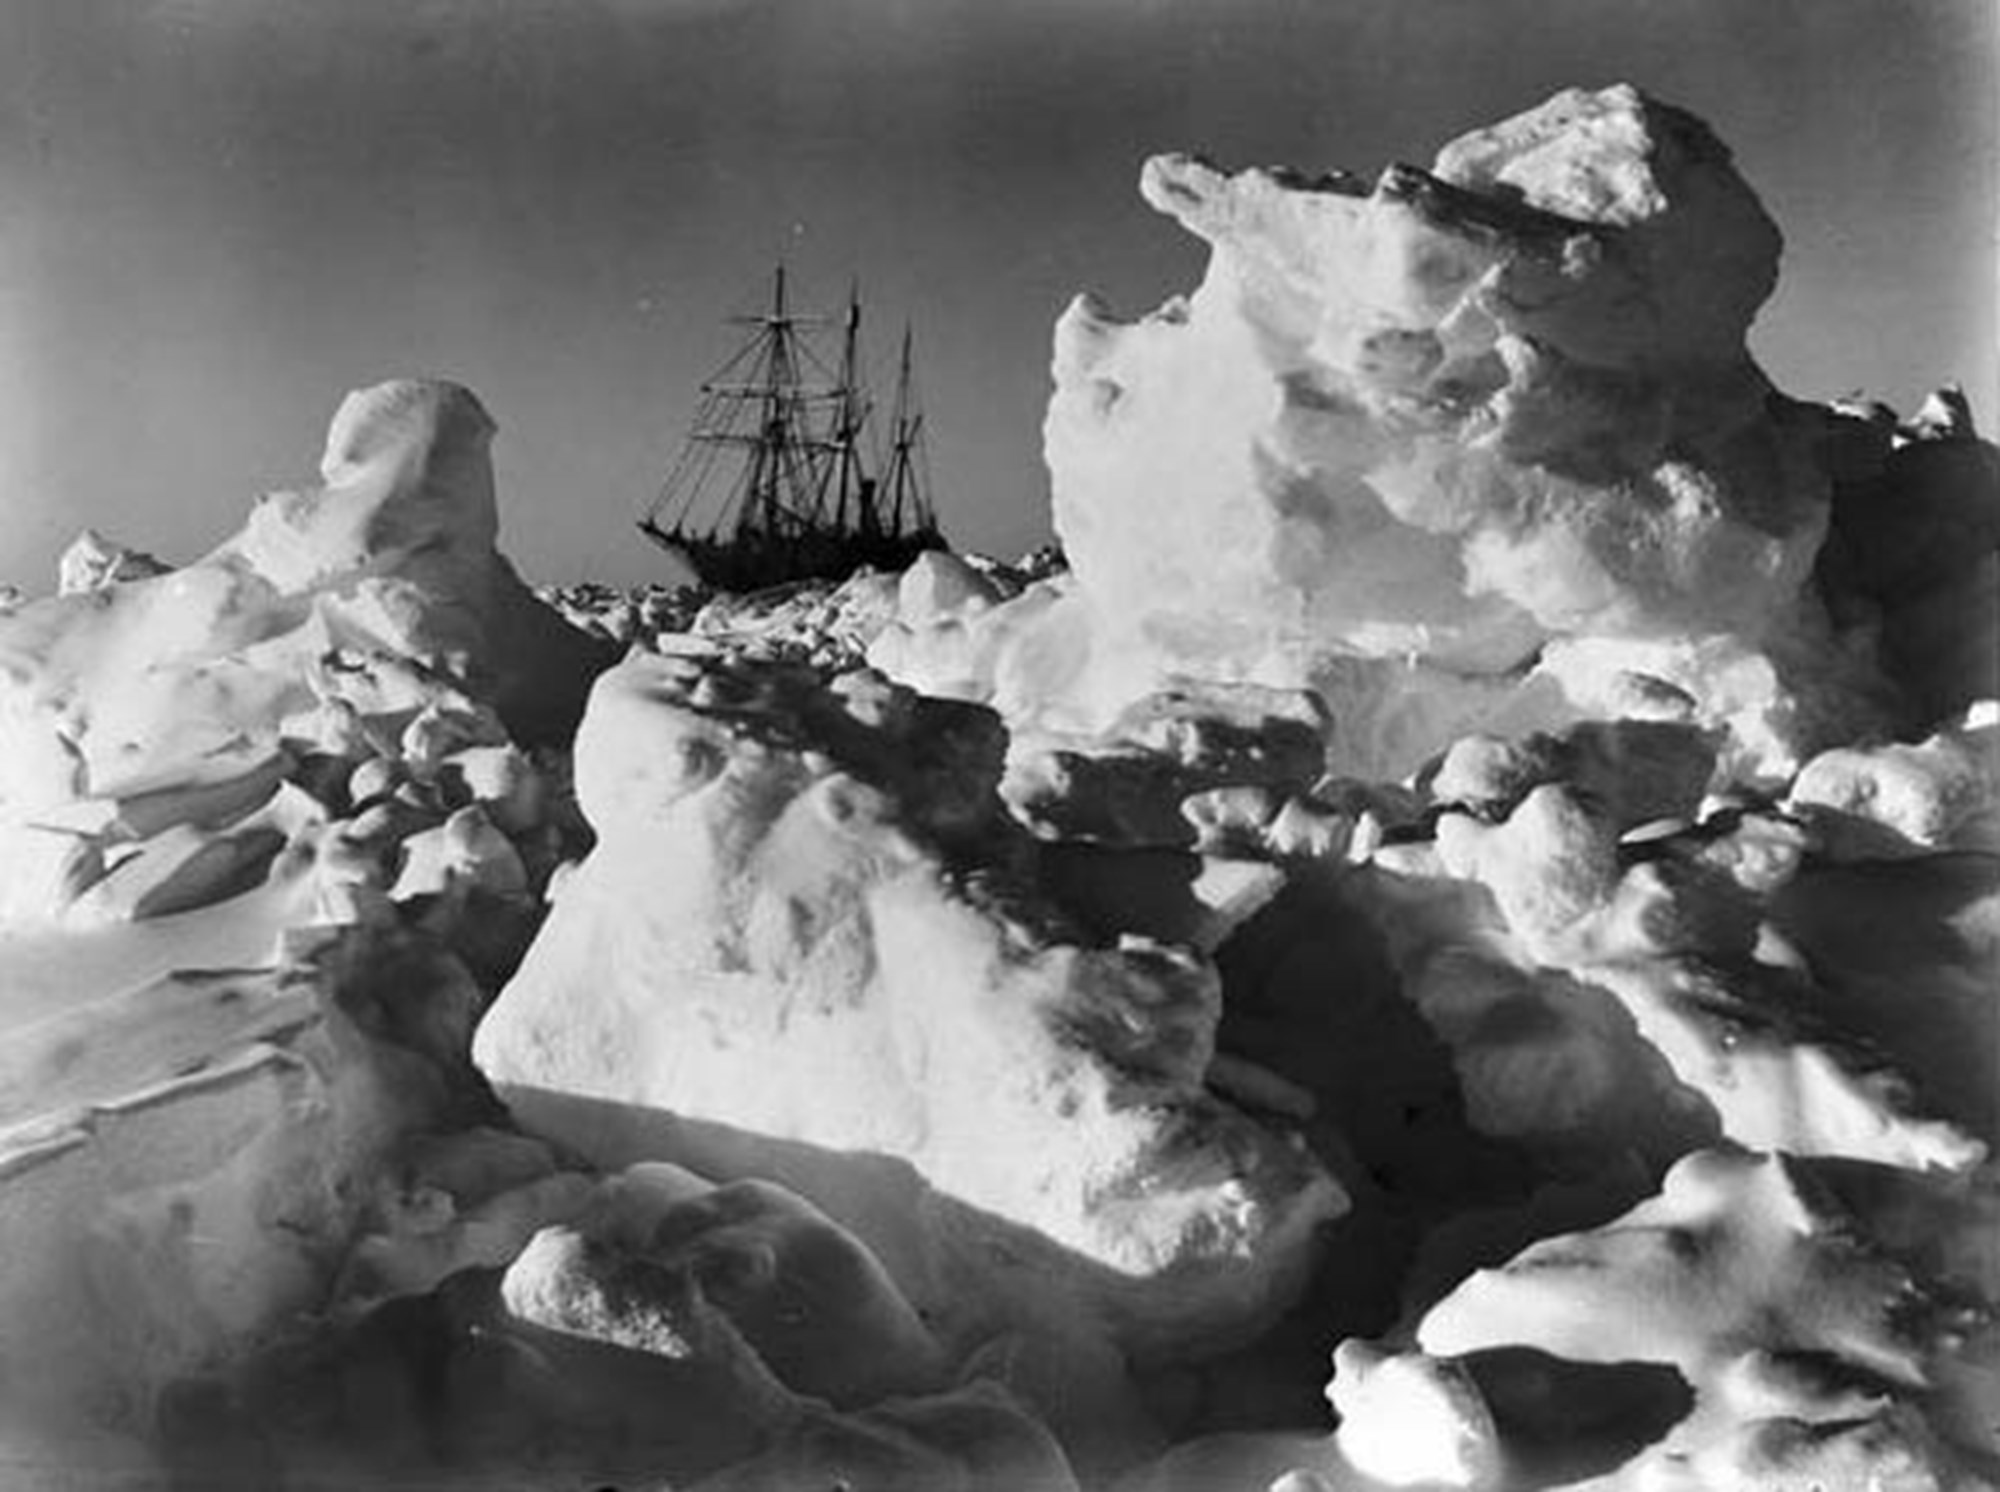 Antarktis-Expedition soll versunkenes Forschungsschiff finden